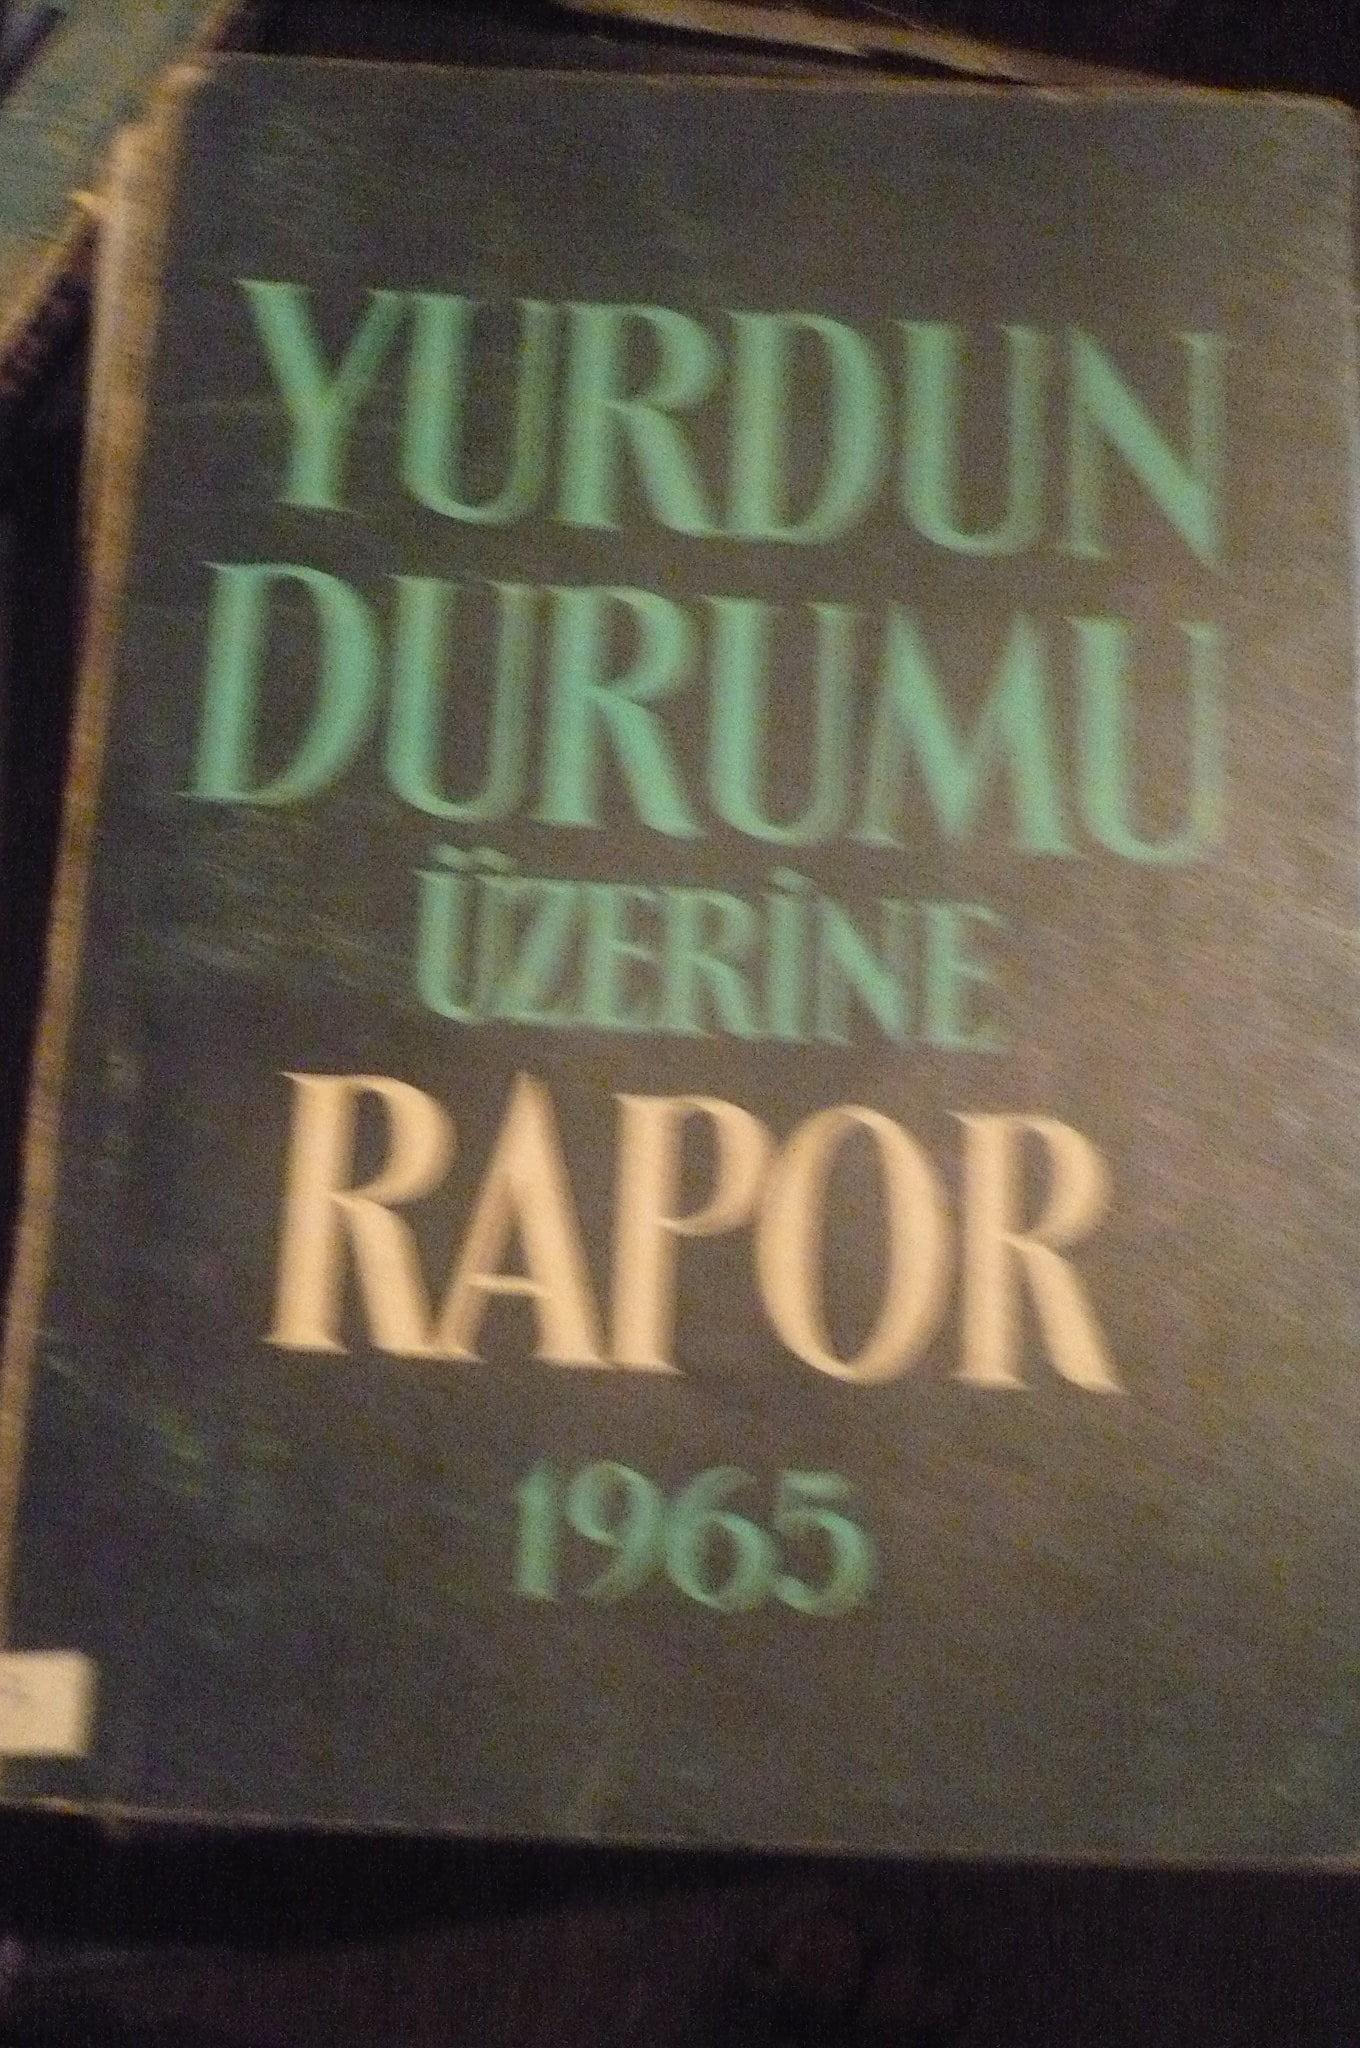 Yurdun durumu üzerine rapor 1965/Yaşar NABİ